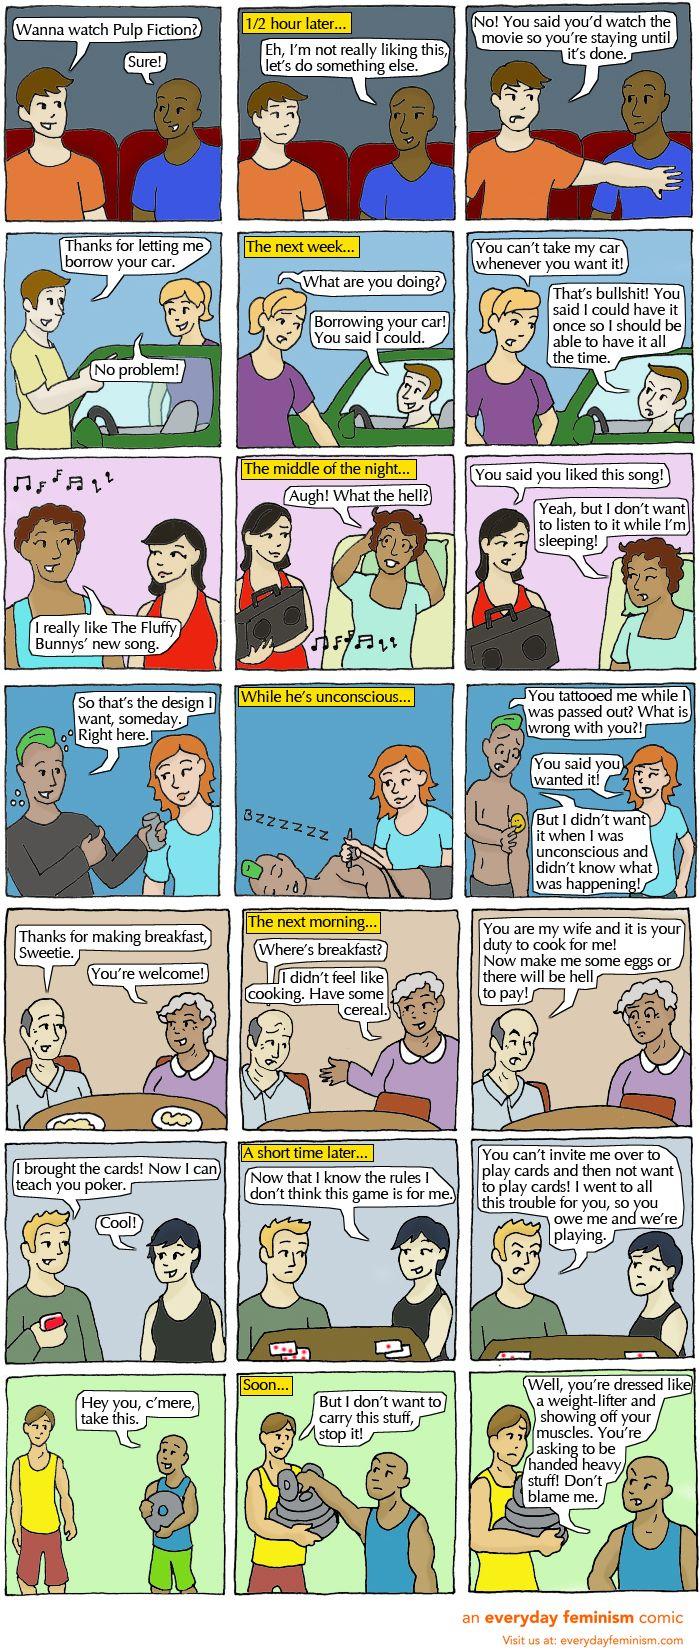 An Menschen, die Vergewaltigungsopfern eine Teilschuld zuschreiben: Dieser Comic…